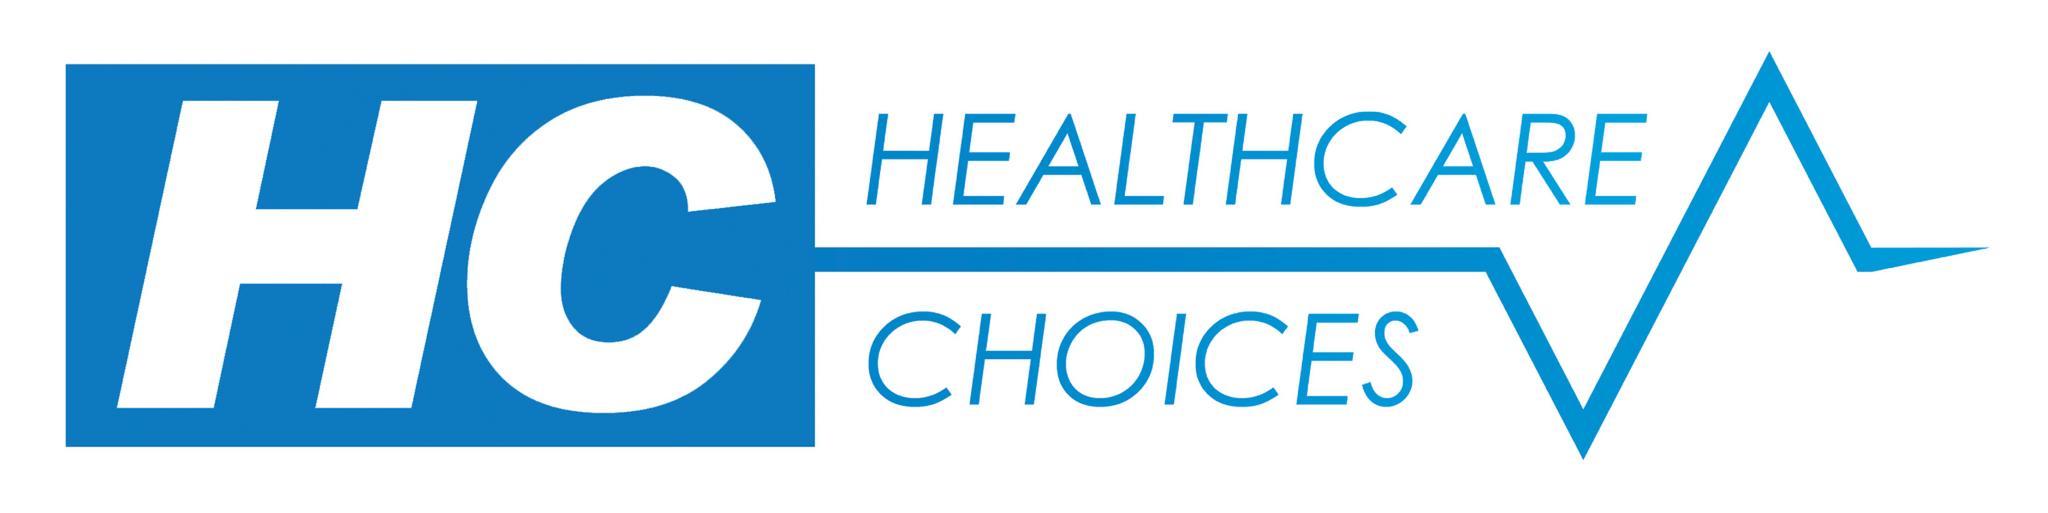 Healthcare-Choices-jpg